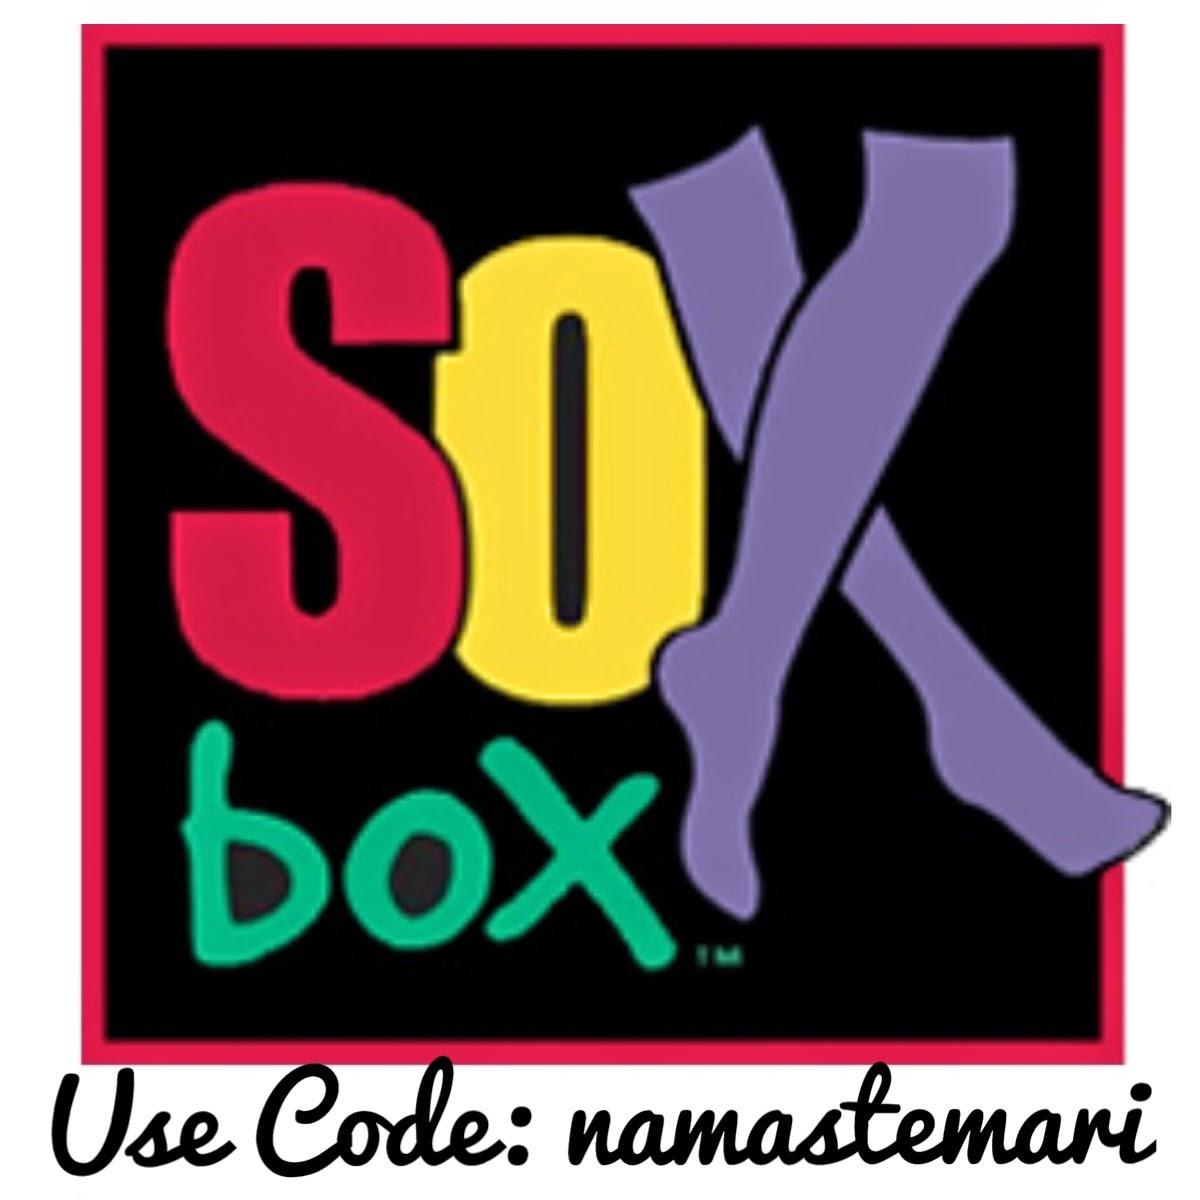 Soxbox